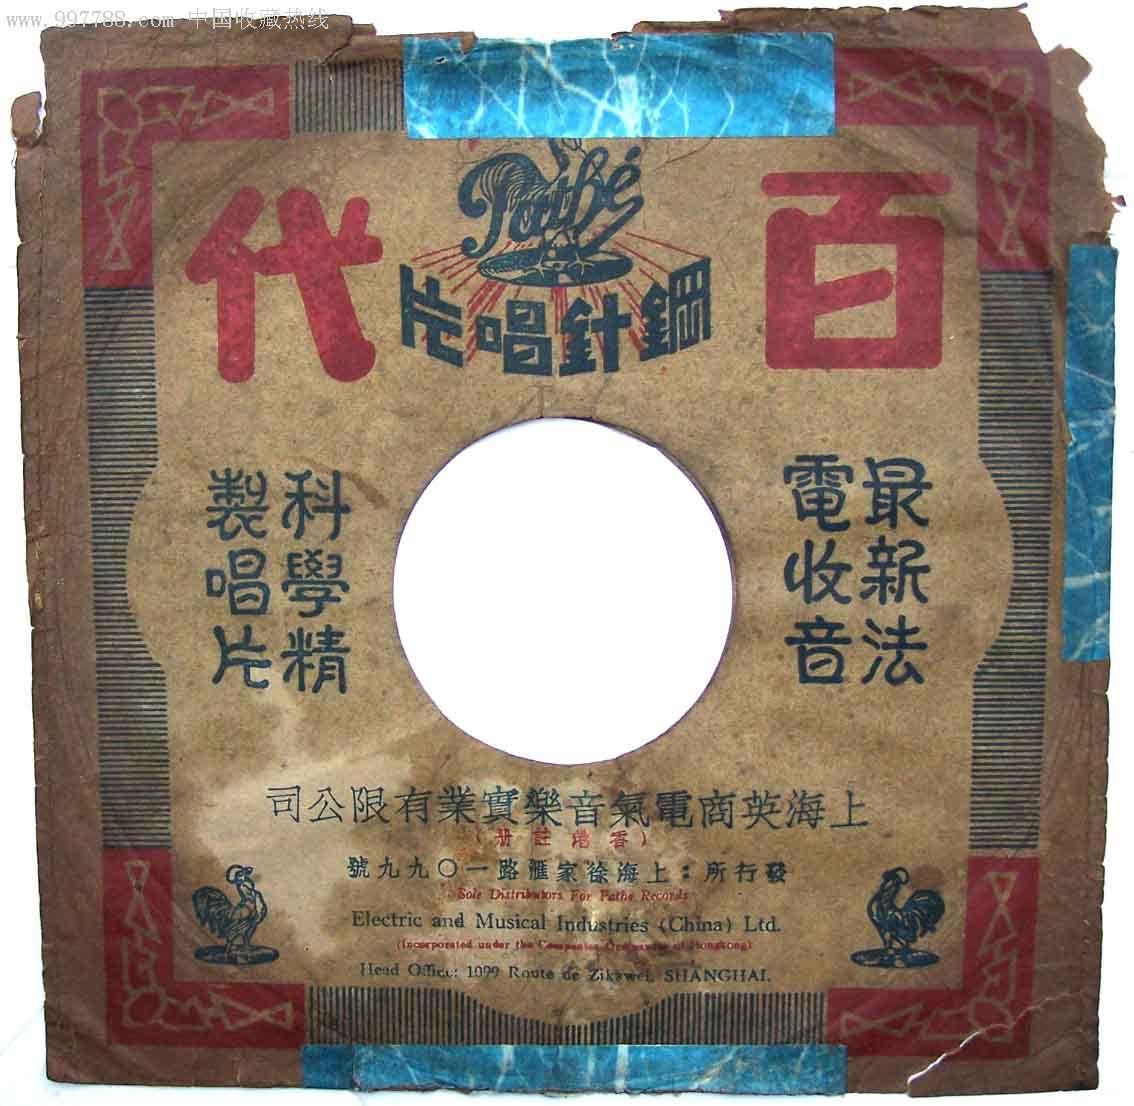 老黑胶收藏—民国上海百代粤曲《我为卿狂》—收取包装费用50元